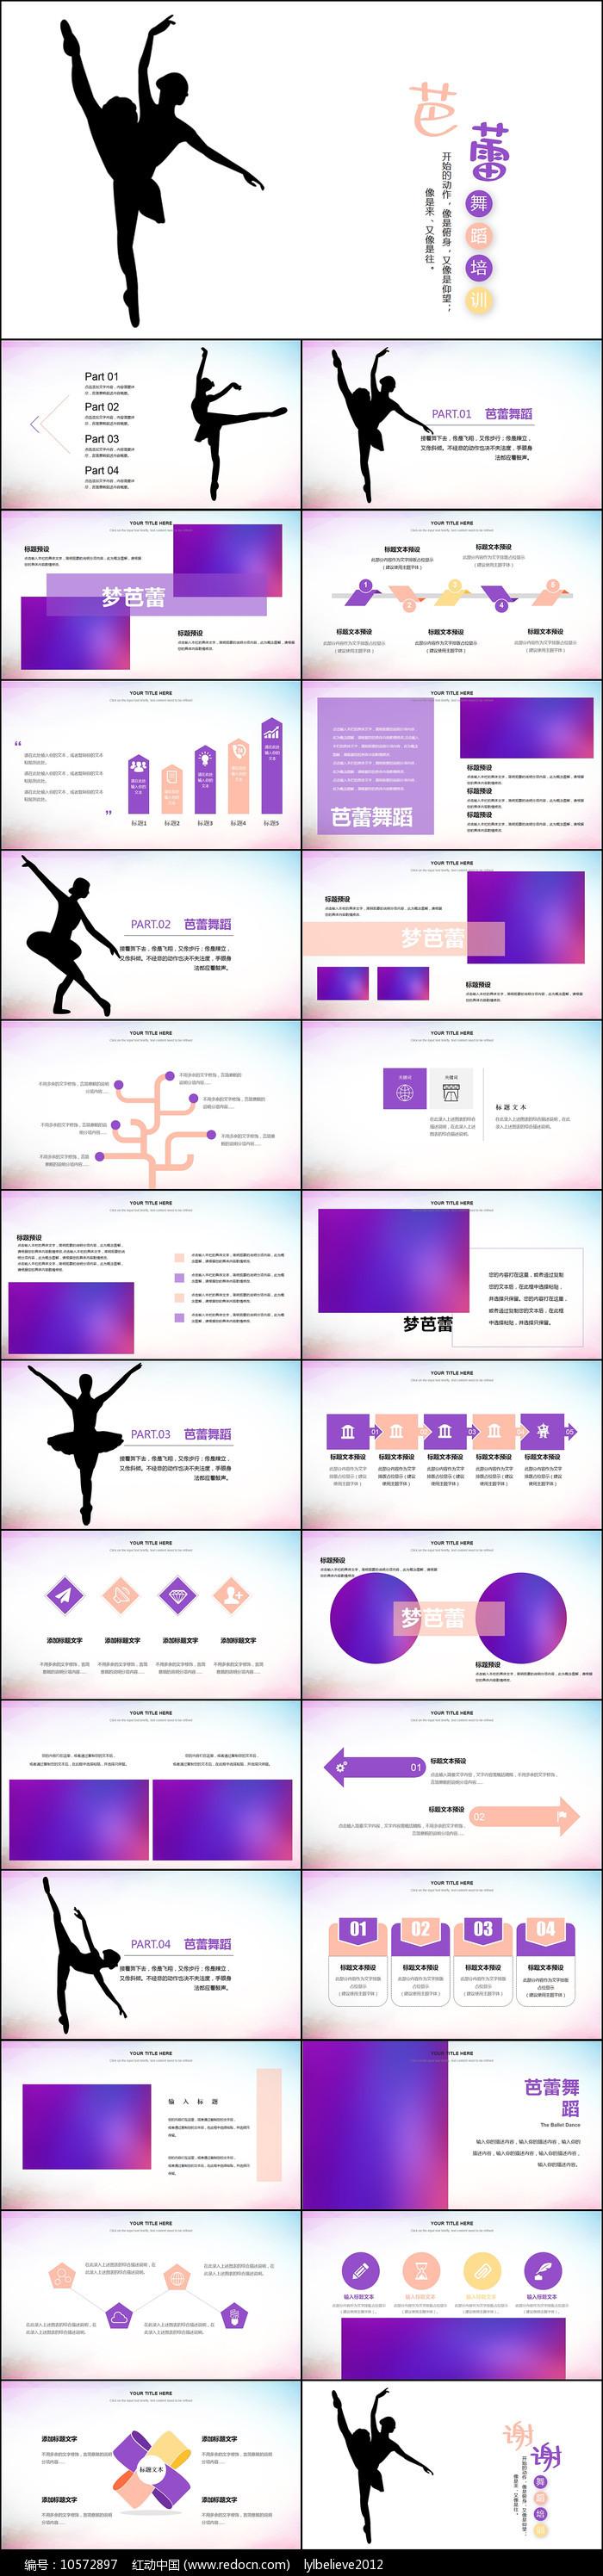 舞蹈培训芭蕾舞舞蹈艺术动态PPT图片